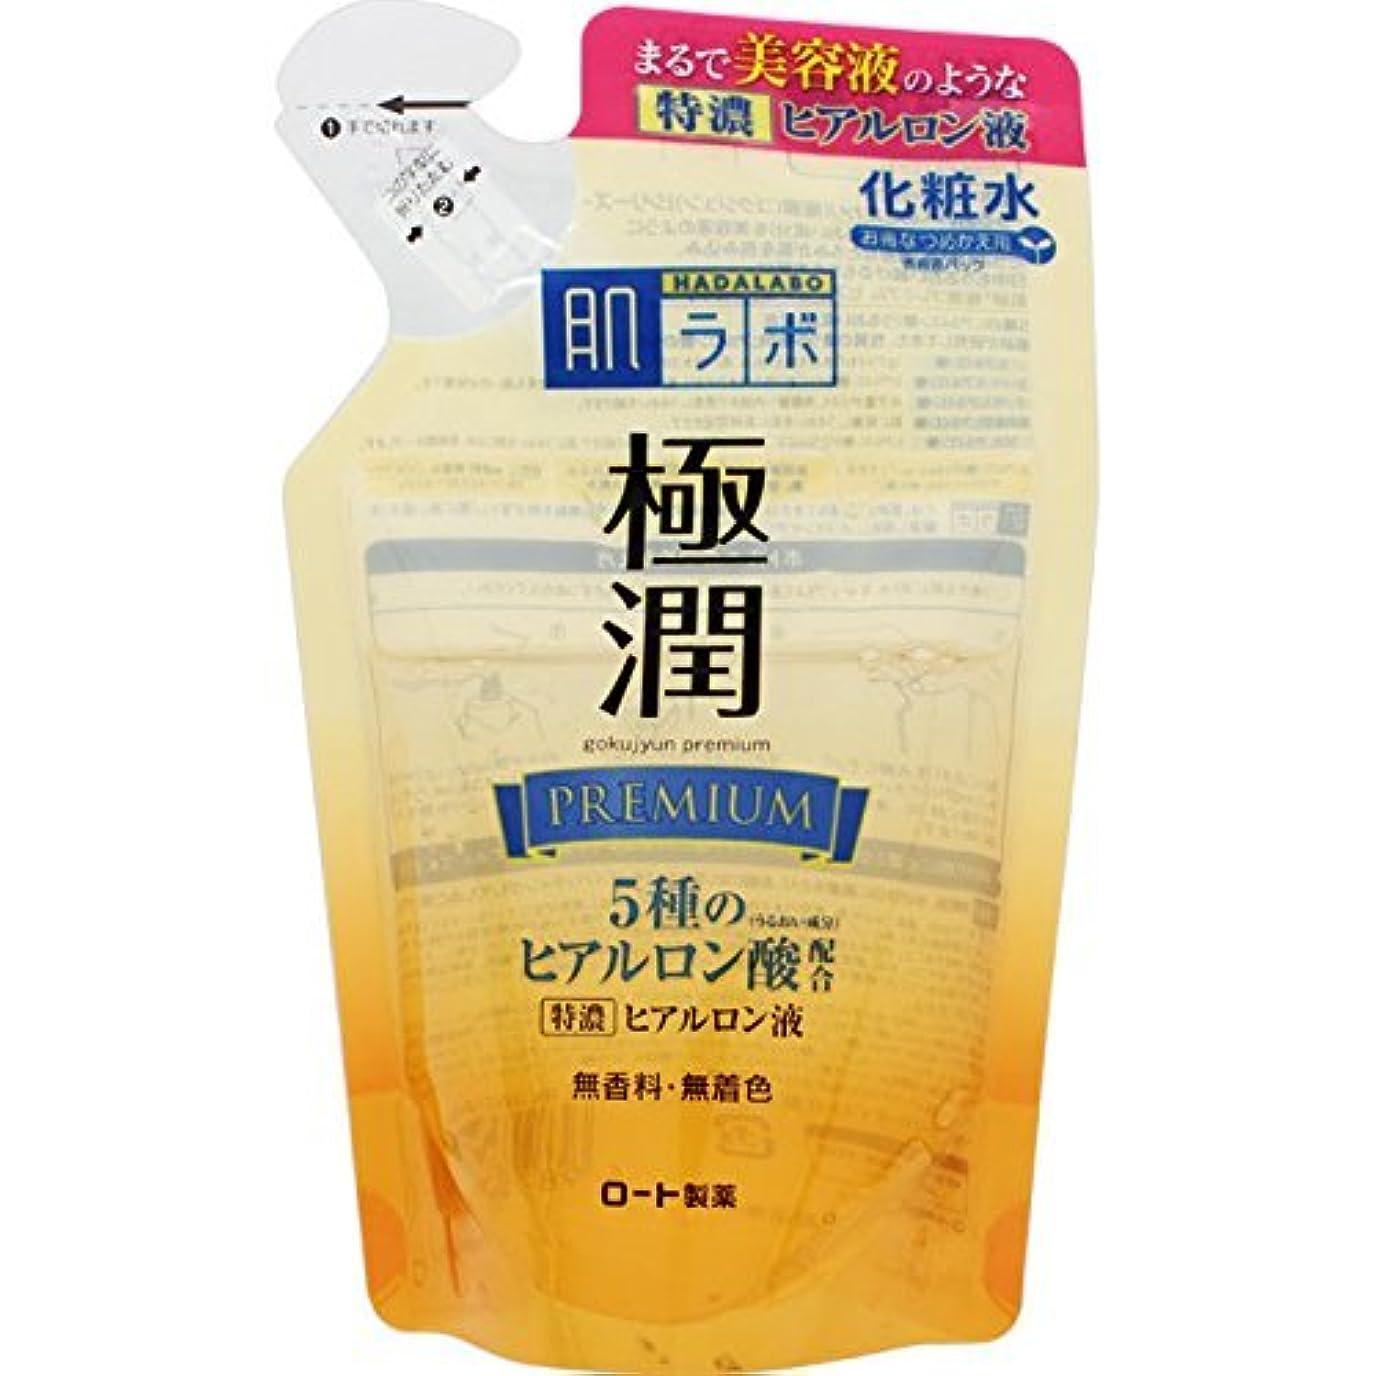 町境界技術的な肌研 極潤プレミアム ヒアルロン液 つめかえ用 170mL